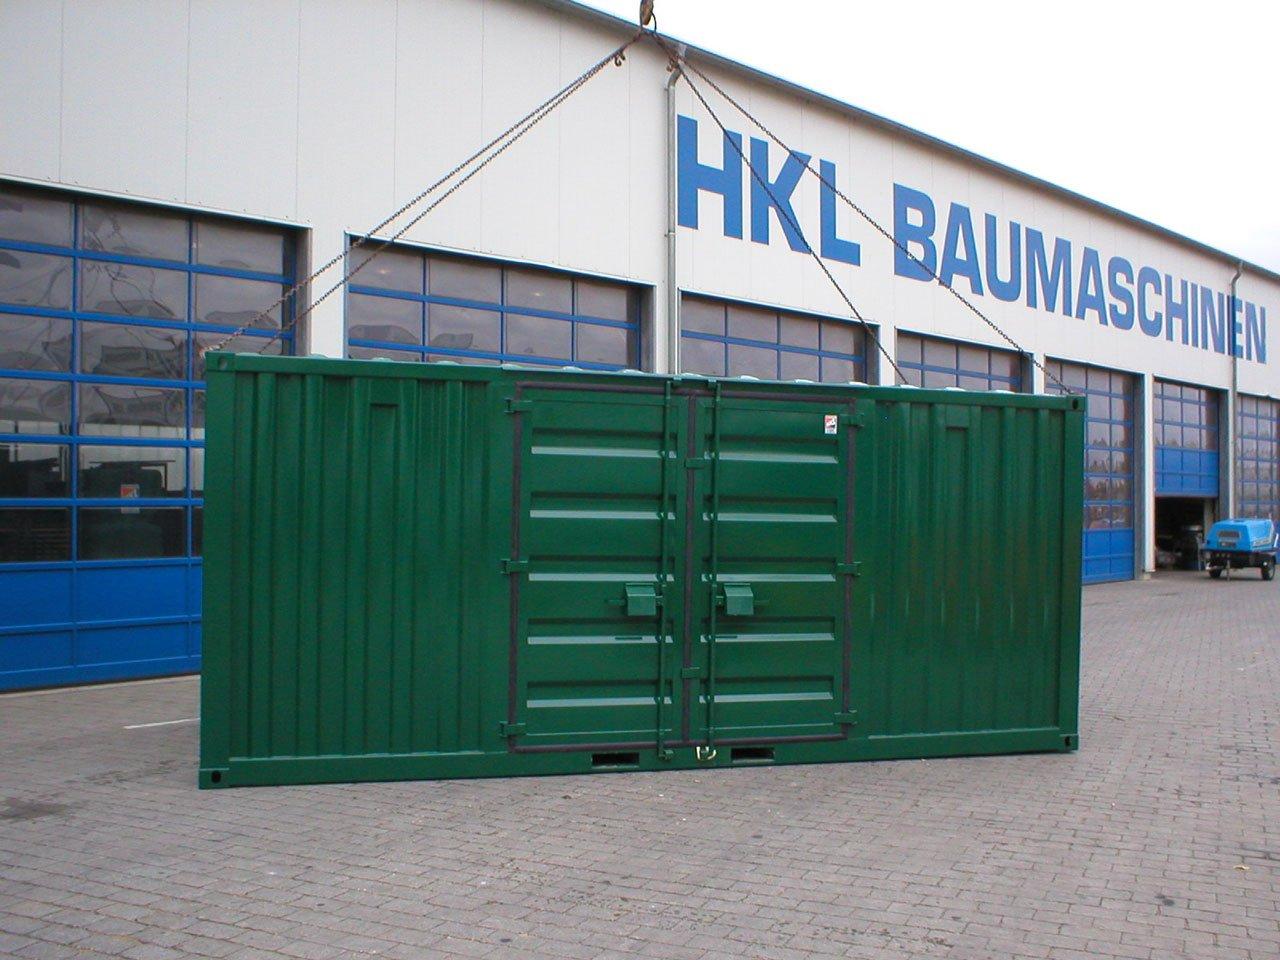 raumsysteme container anlagen mieten hkl baumaschinen. Black Bedroom Furniture Sets. Home Design Ideas